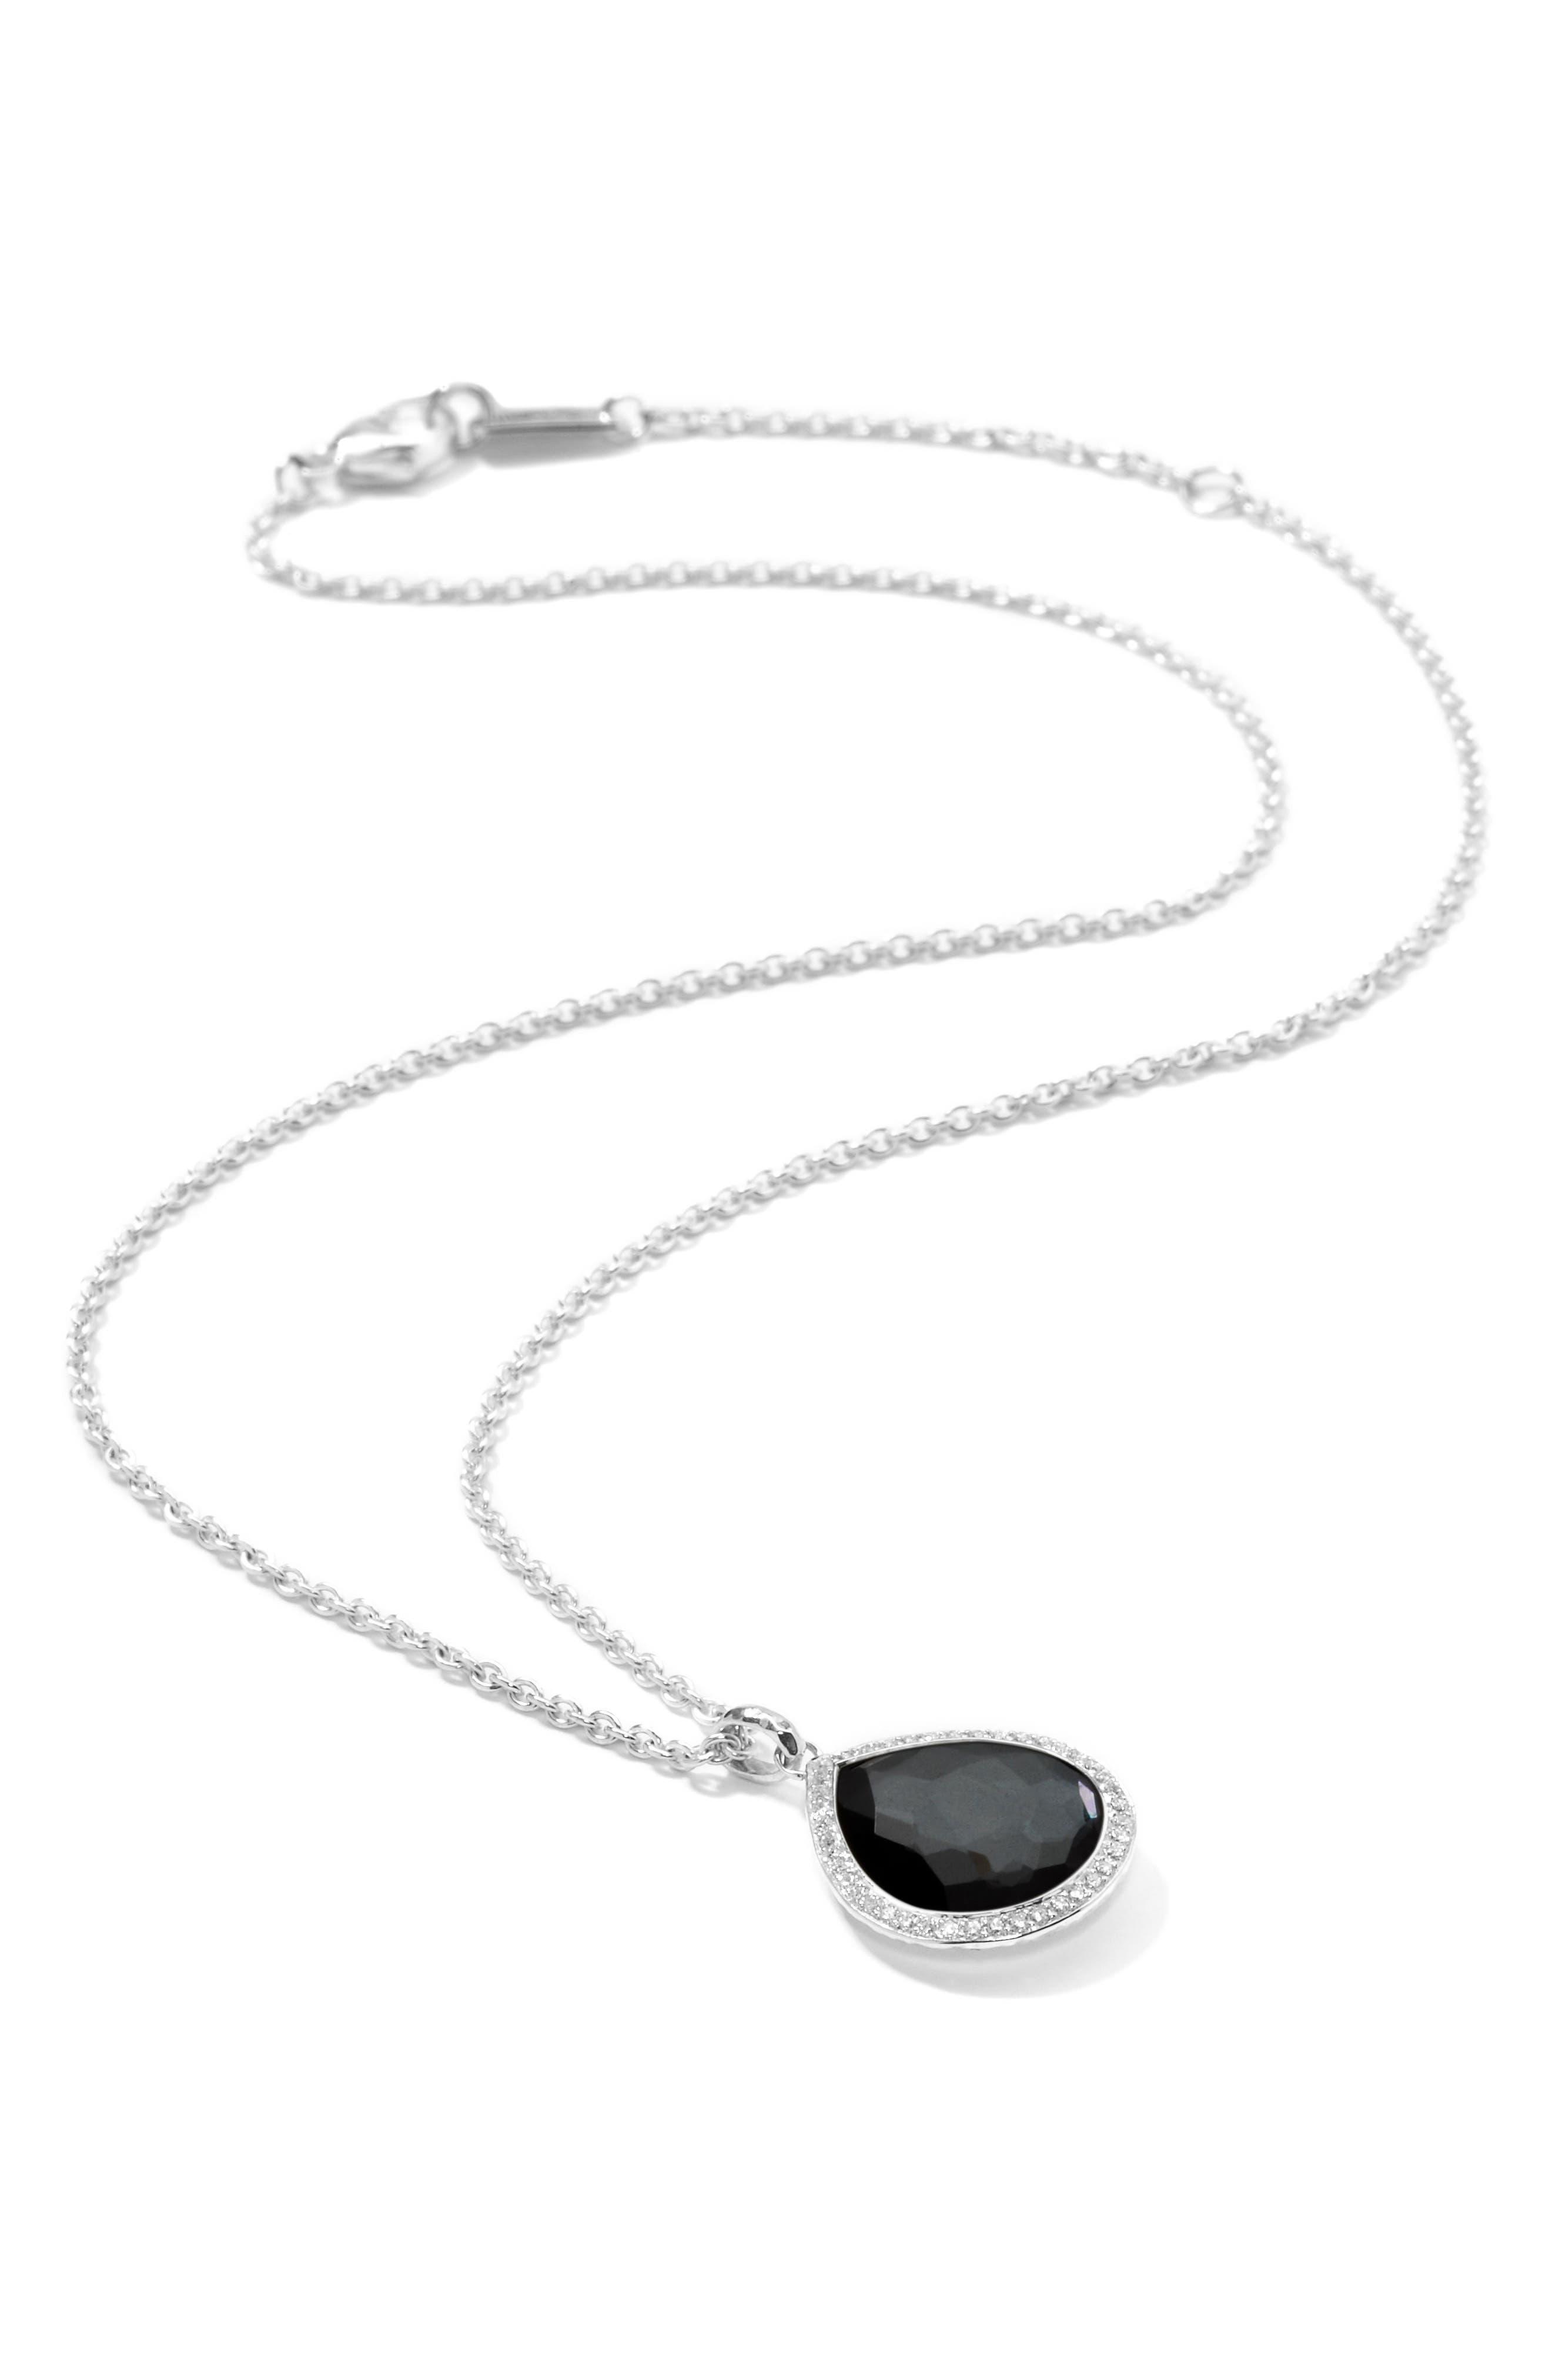 Ippolita Lollipop Teardrop Pendant Necklace